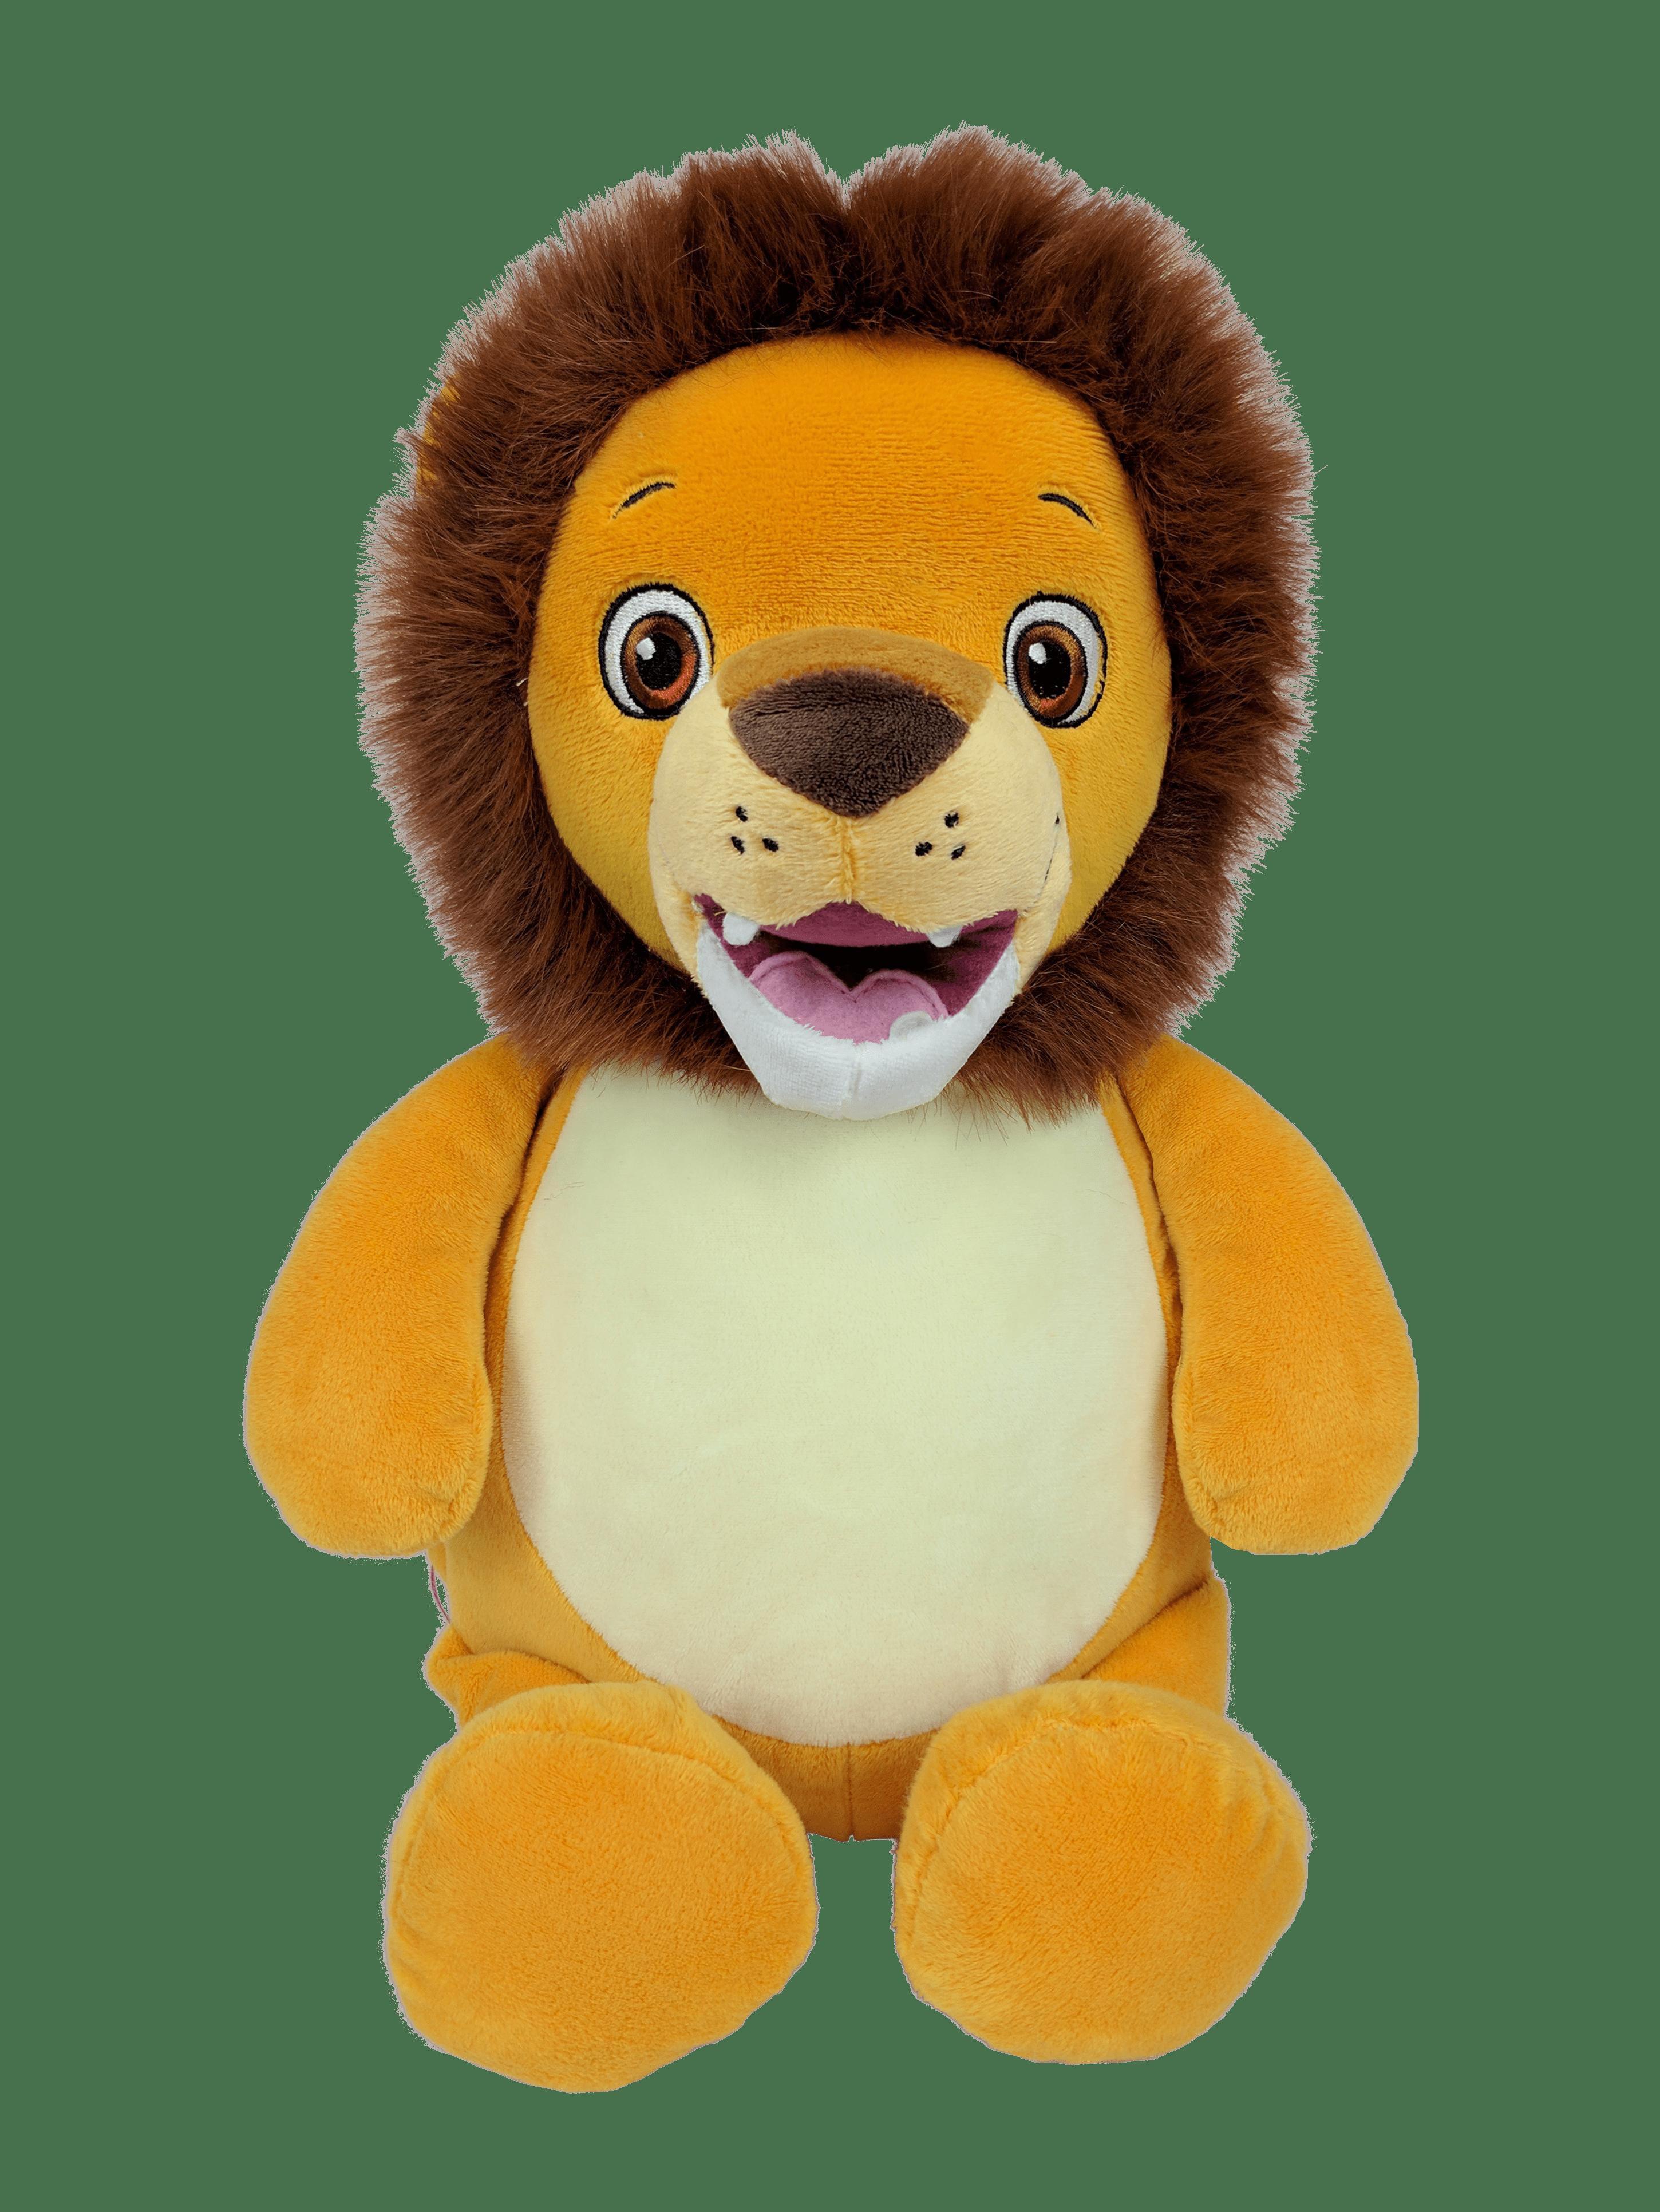 Lion - Dein personalisierter Löwe